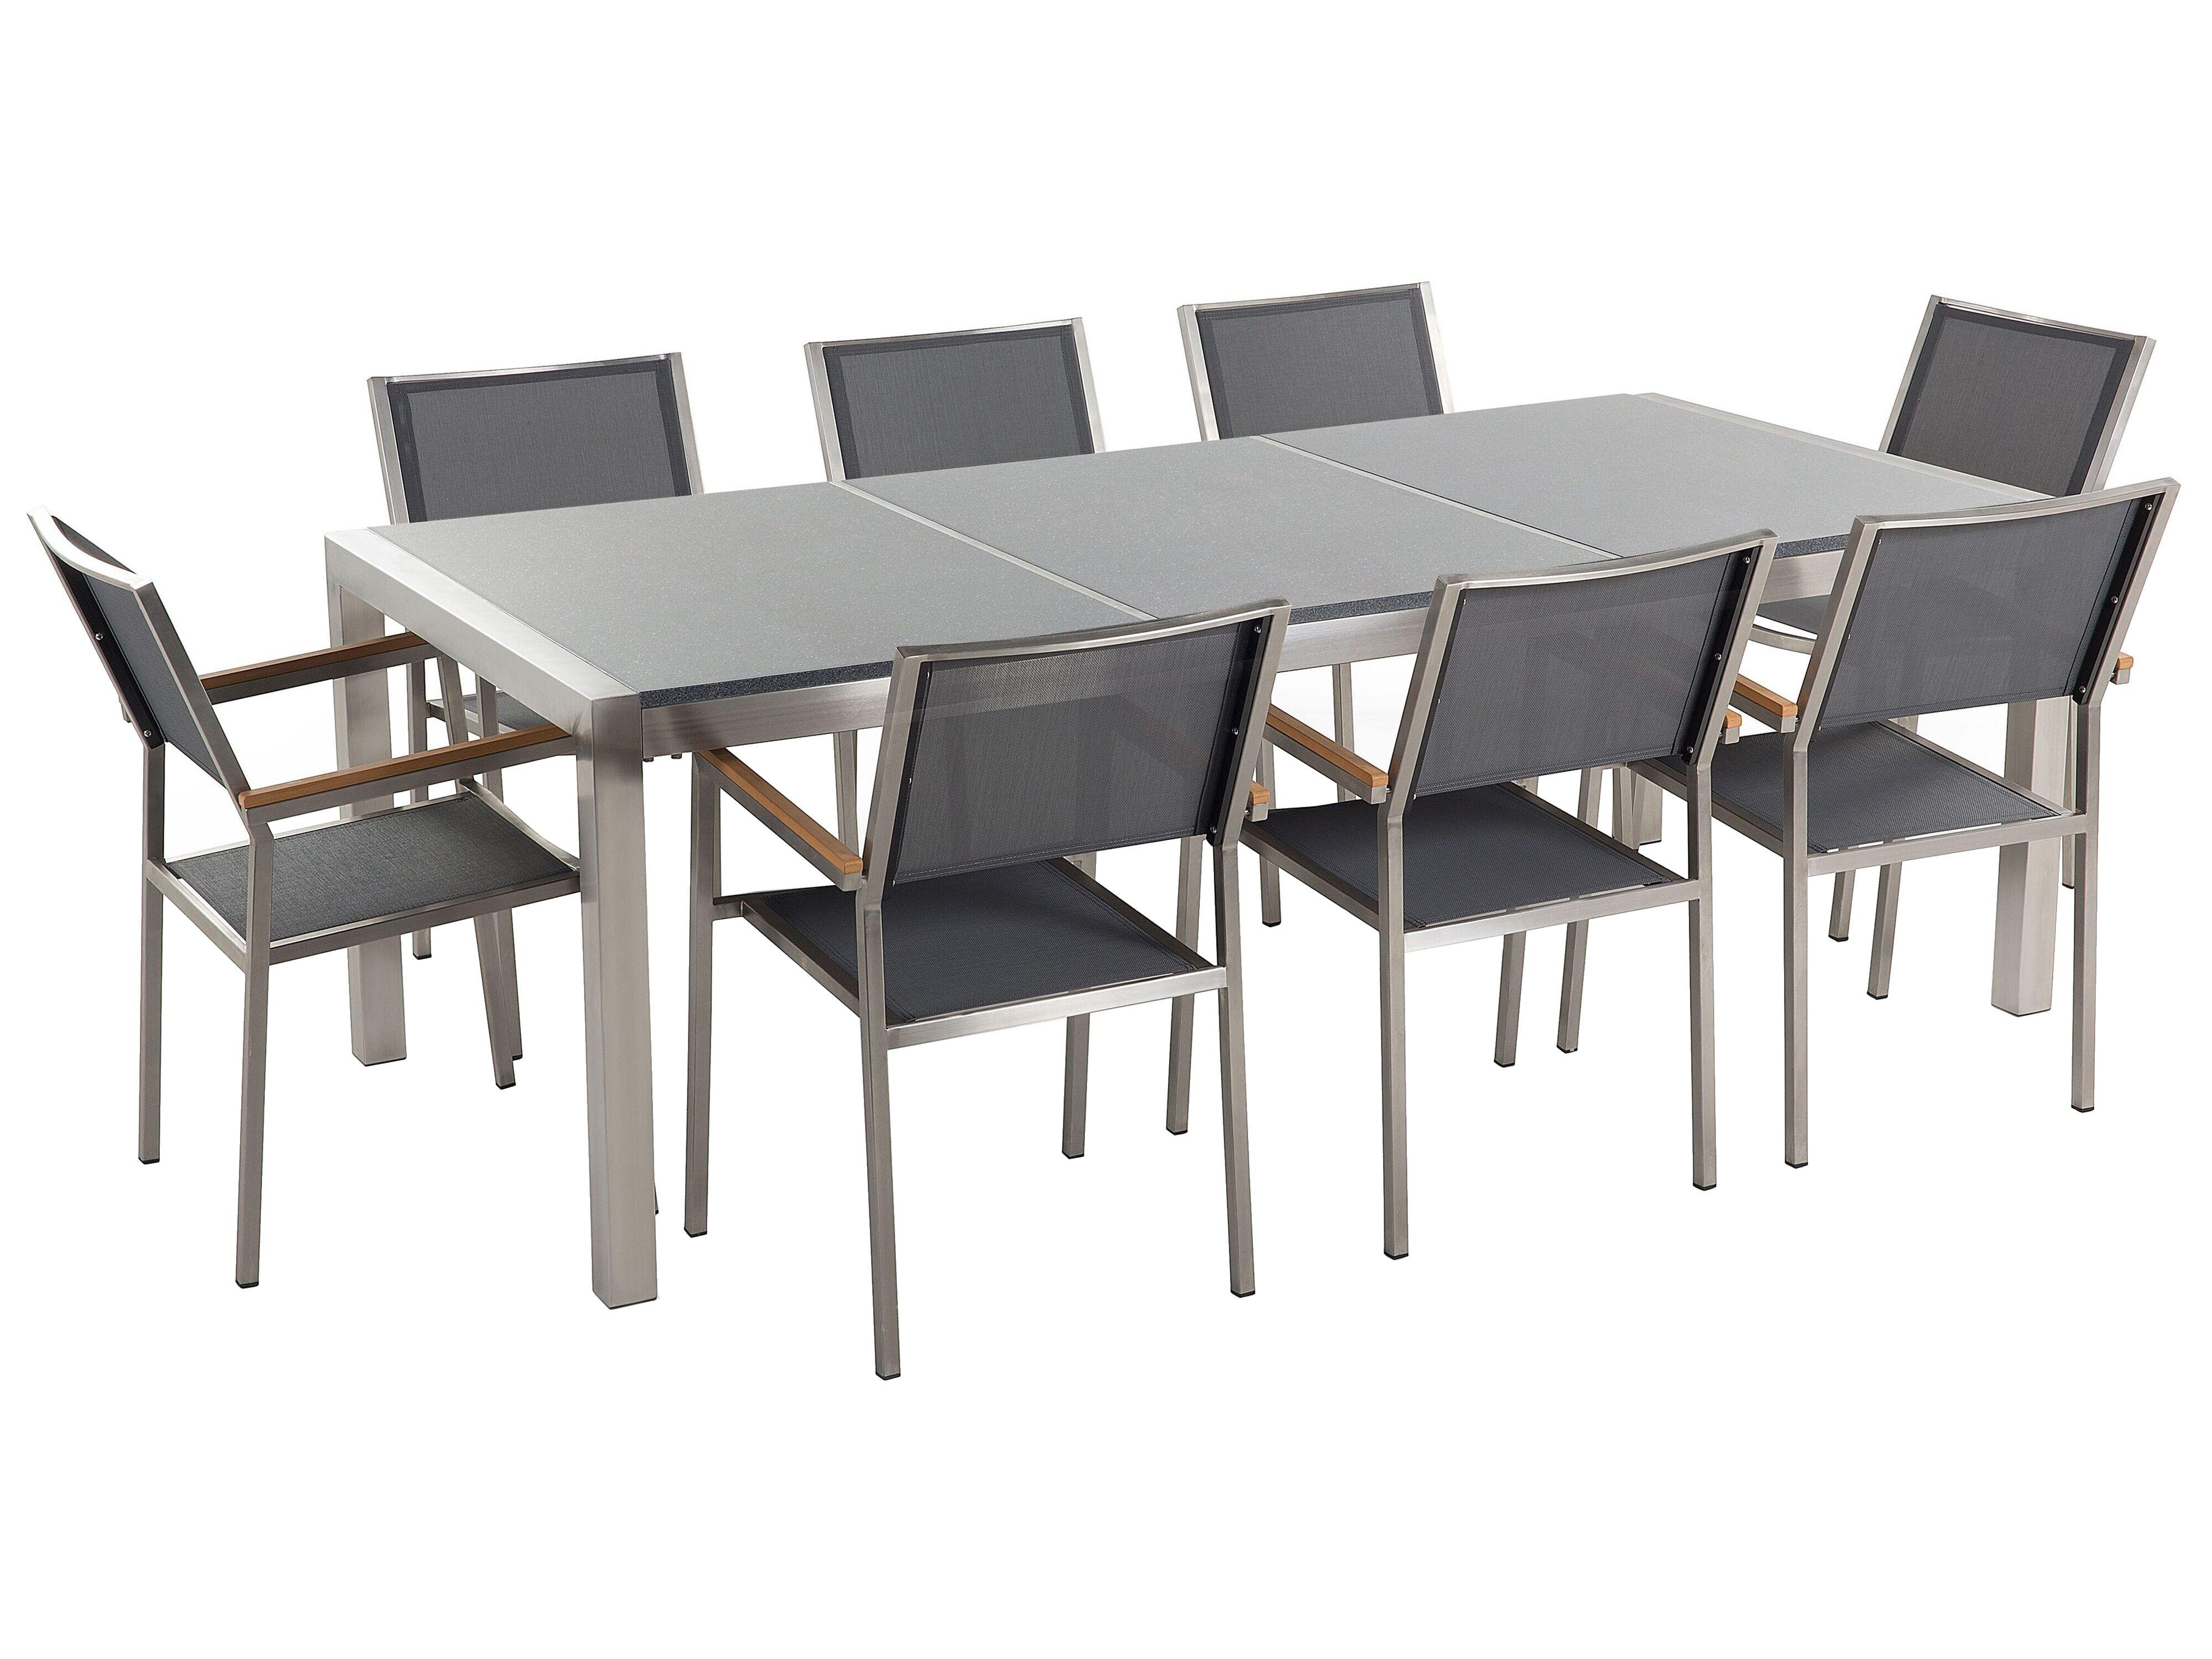 8 Seater Garden Dining Set Grey Granite Top And Grey Chairs Grosseto Beliani De